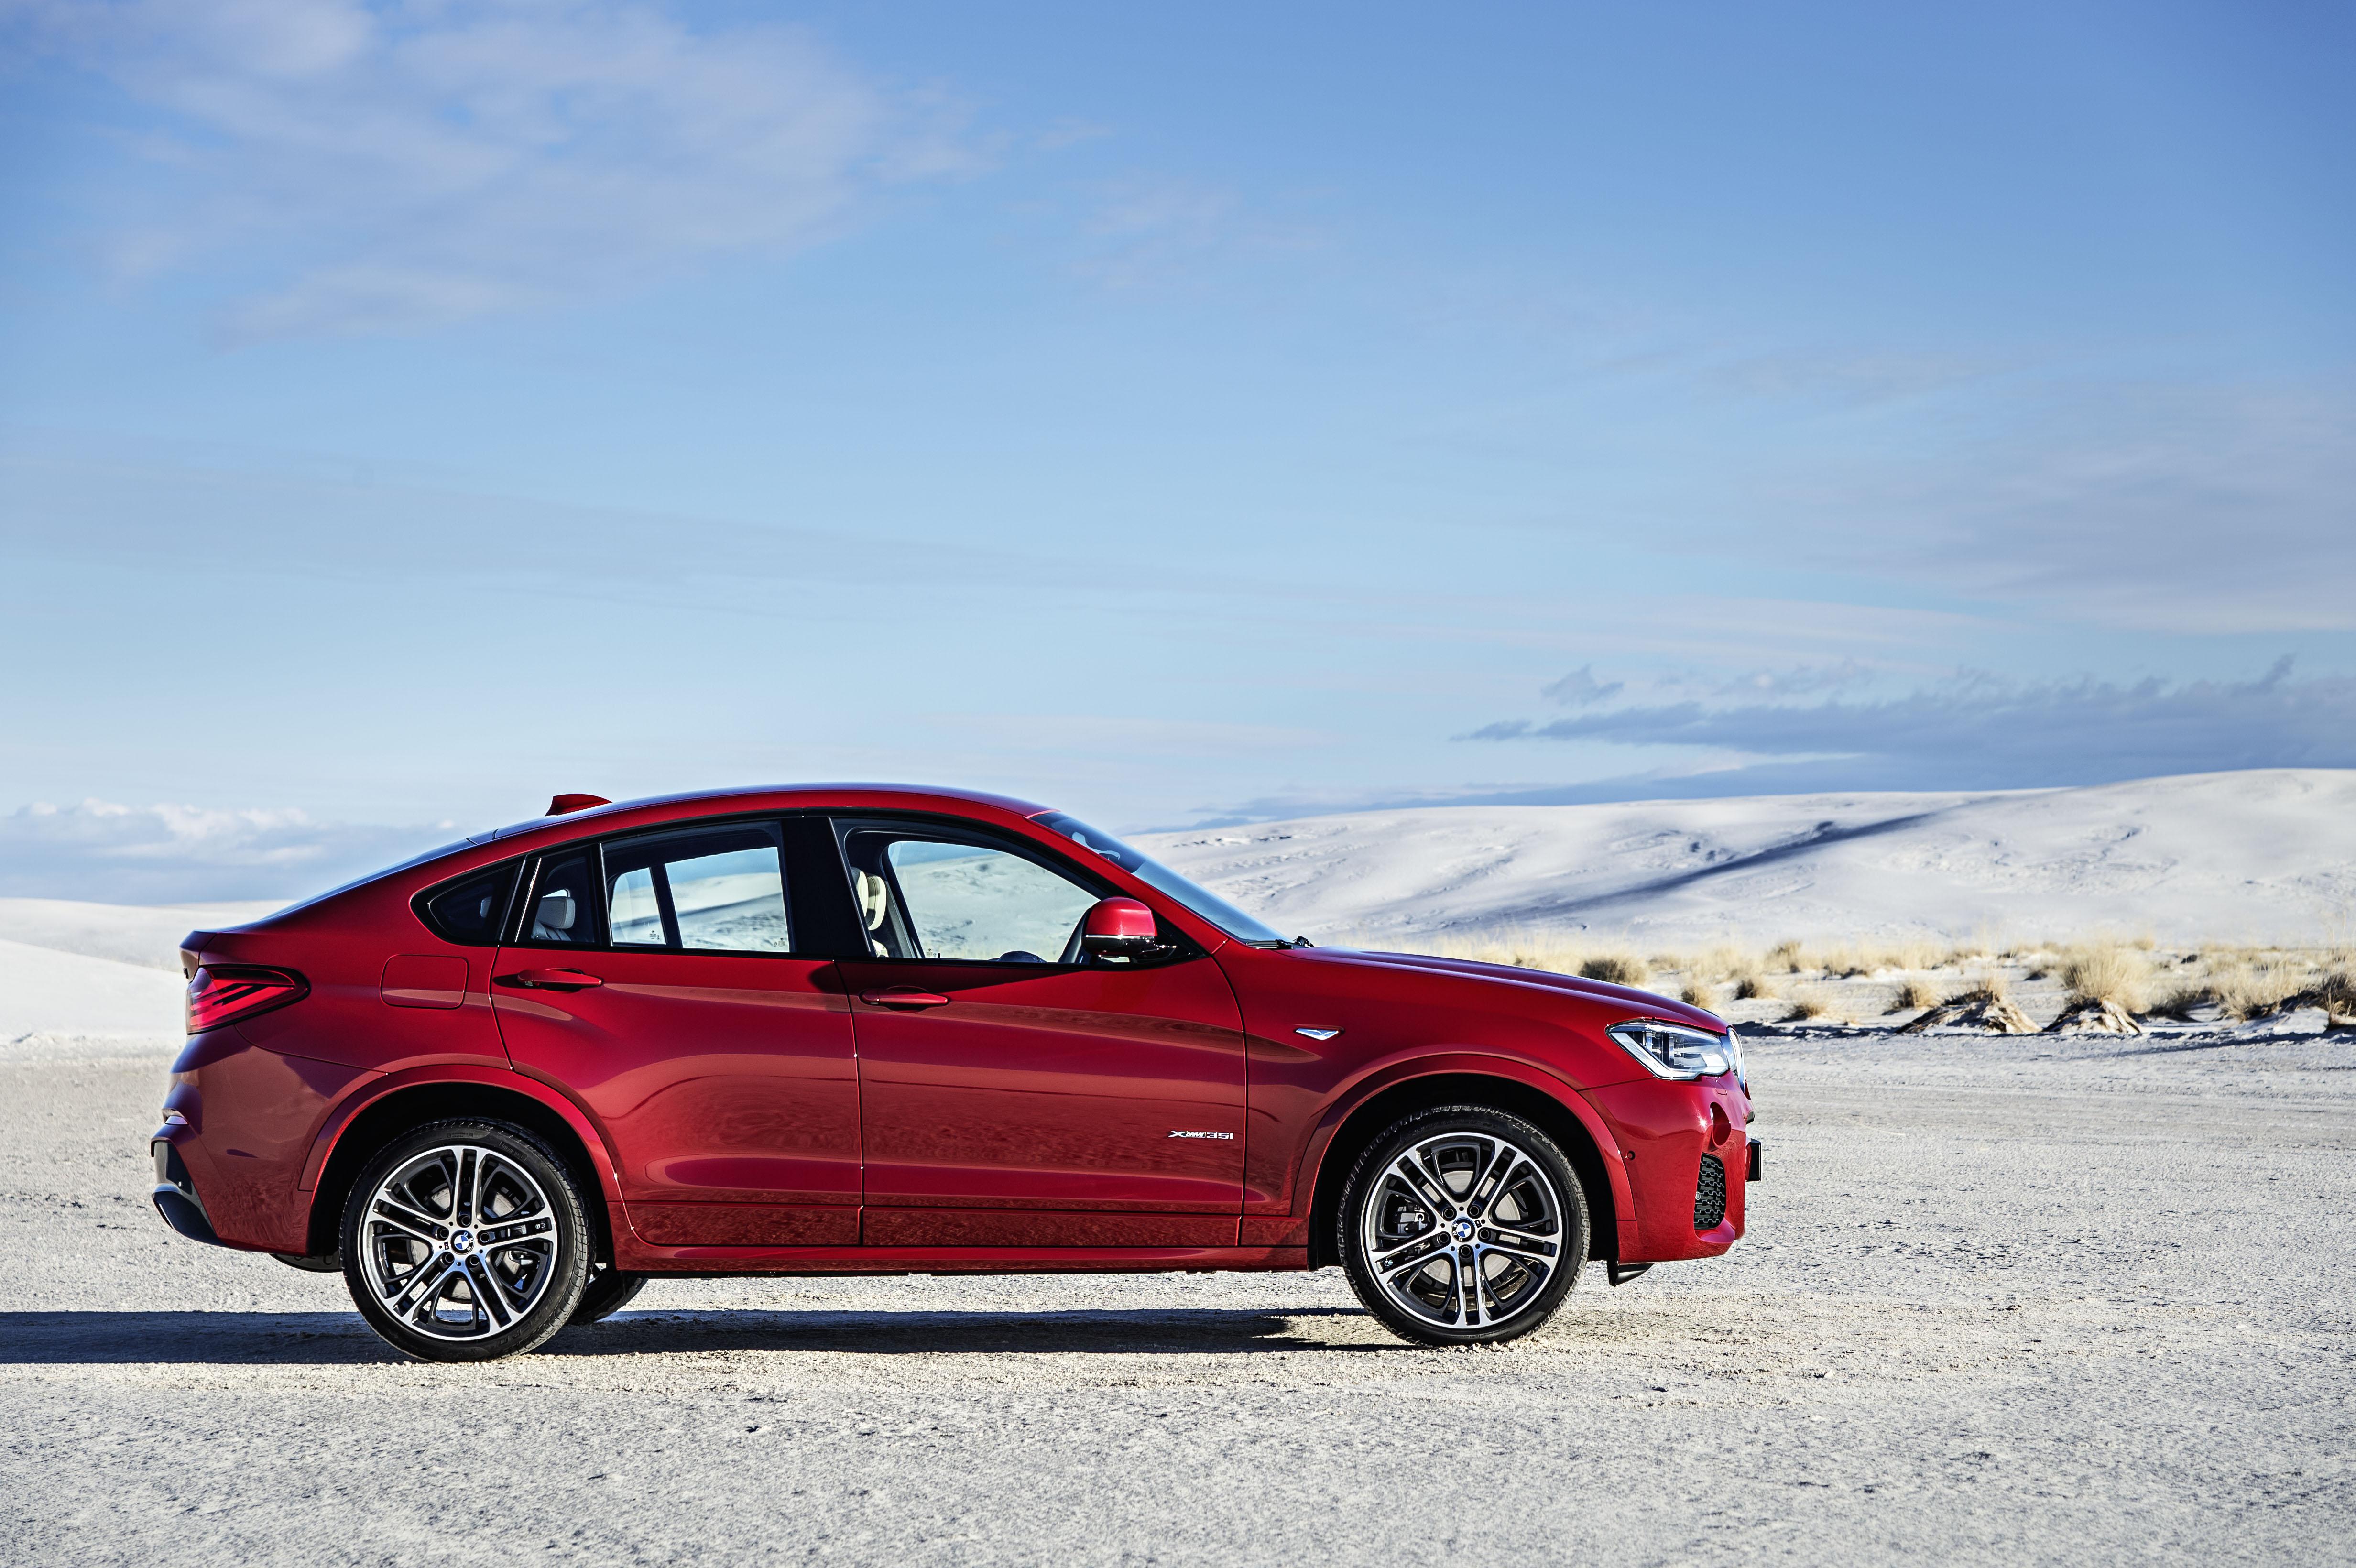 Agresivna je tudi bočna linija, ki močno spominja na večjega BMW X6.